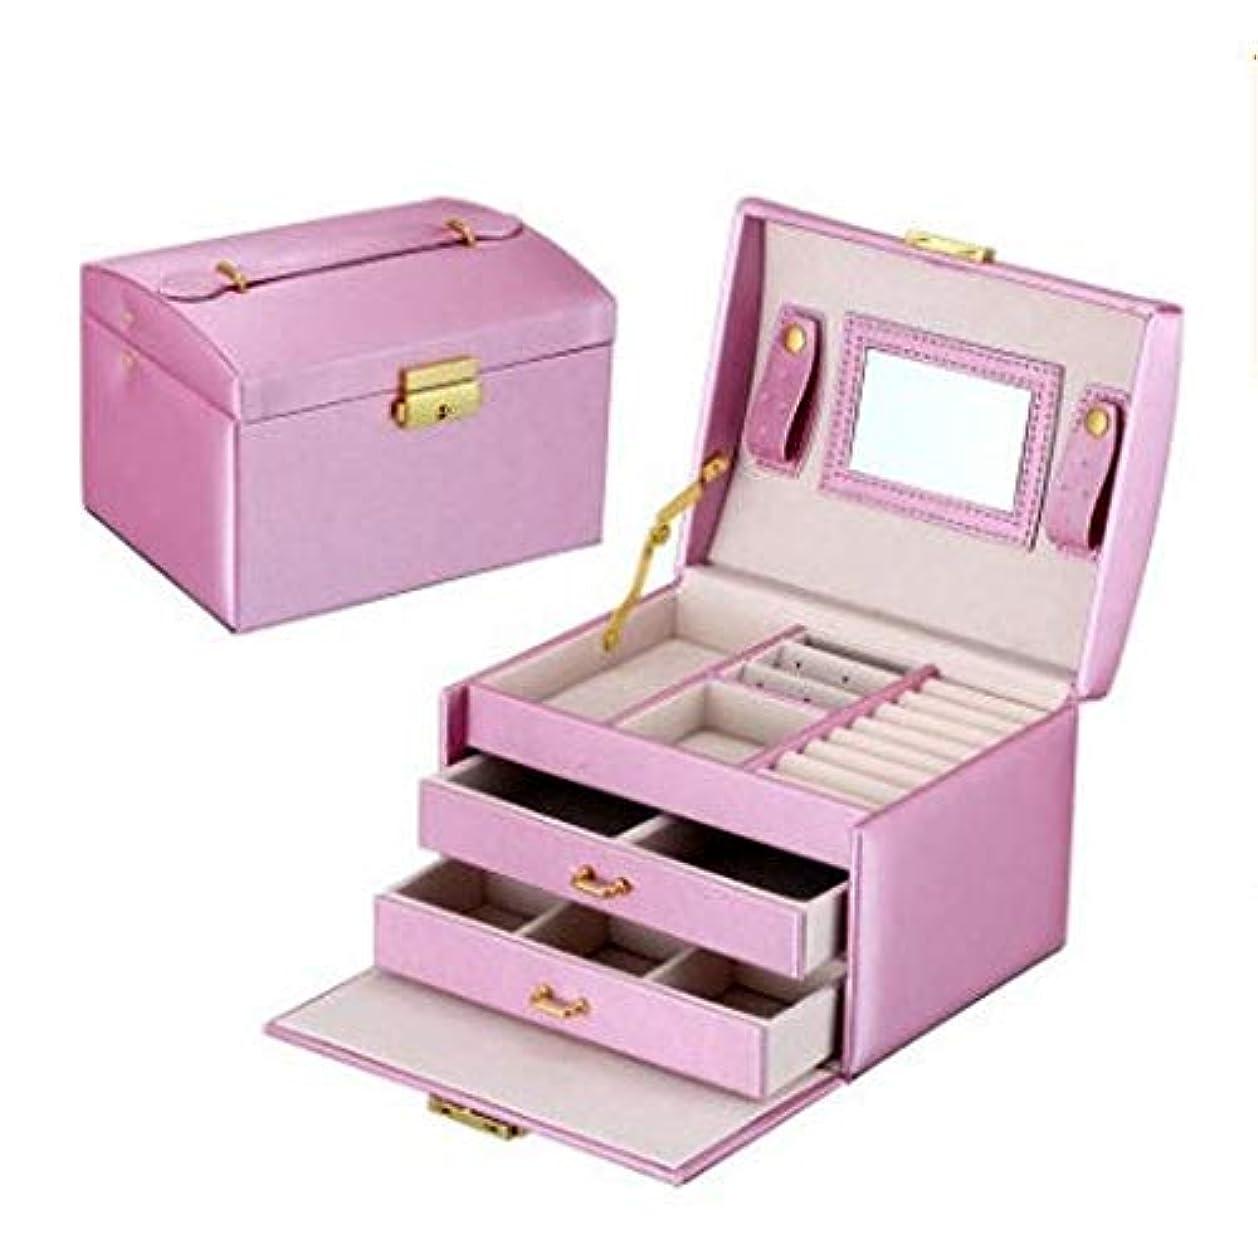 変化する暴徒驚いたことに特大スペース収納ビューティーボックス 大型人工皮革トラベルジュエリーボックス収納ボックスディスプレイリングイヤリングネックレス(5色オプション) 化粧品化粧台 (色 : Purple pink)